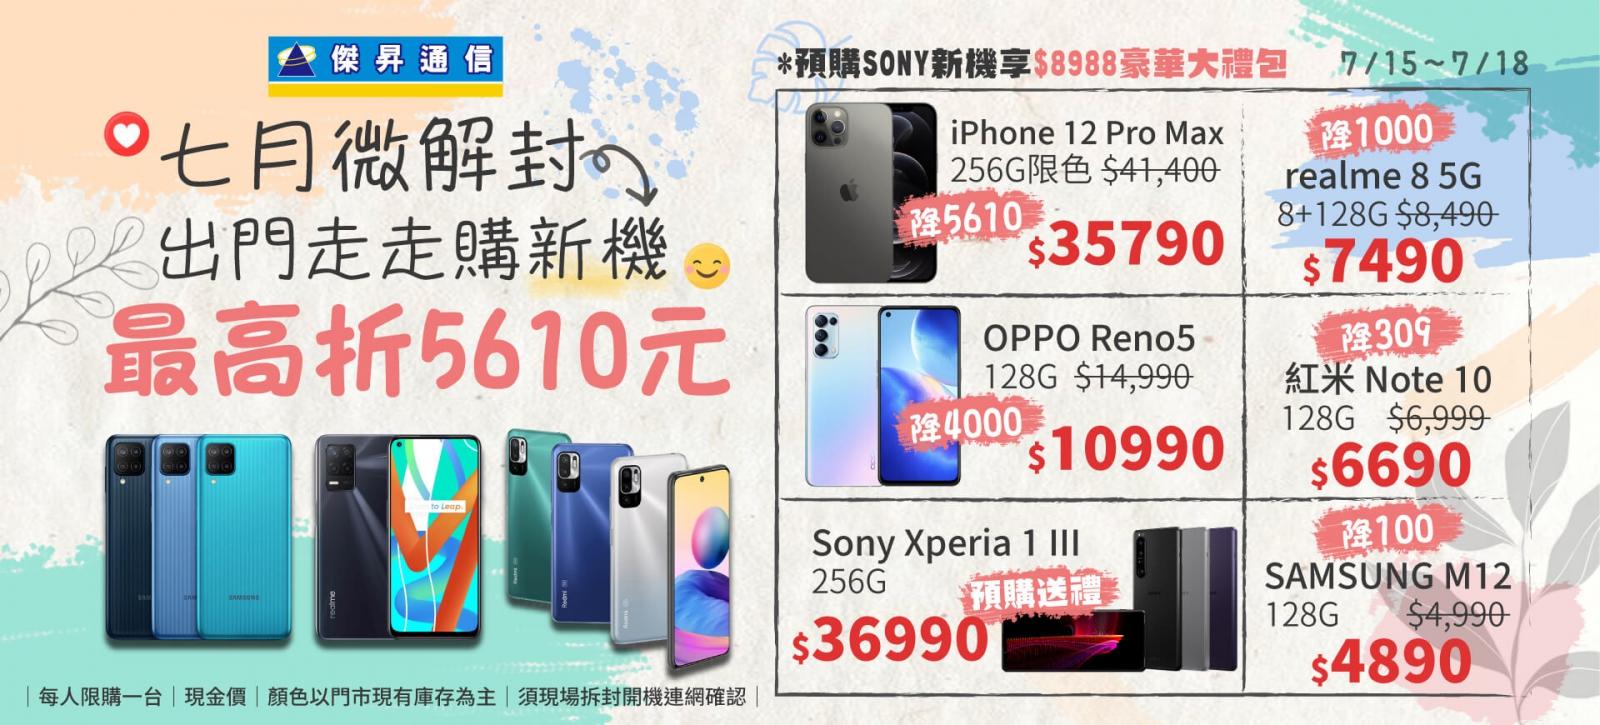 7月微解封!出門走走購新機,iPhone 12 Pro Max最高折5610元